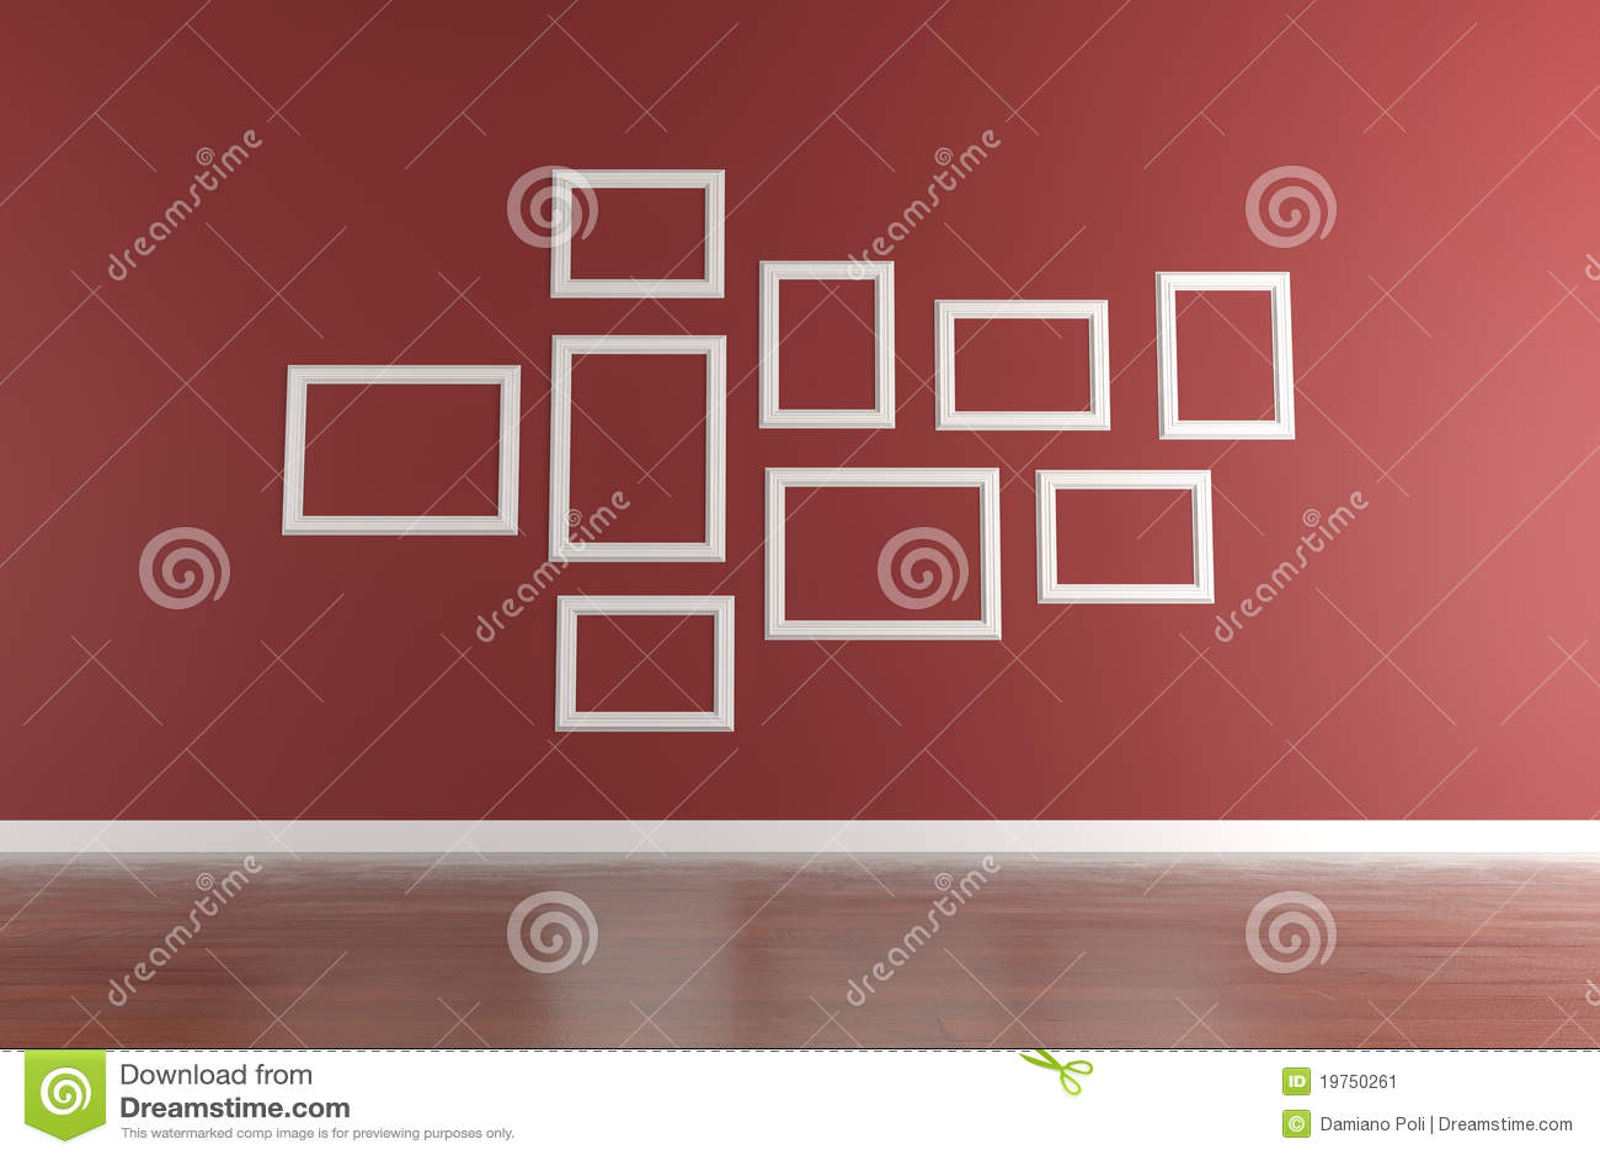 Cornici bianche sulla parete rossa illustrazione di stock for Cornici foto bianche